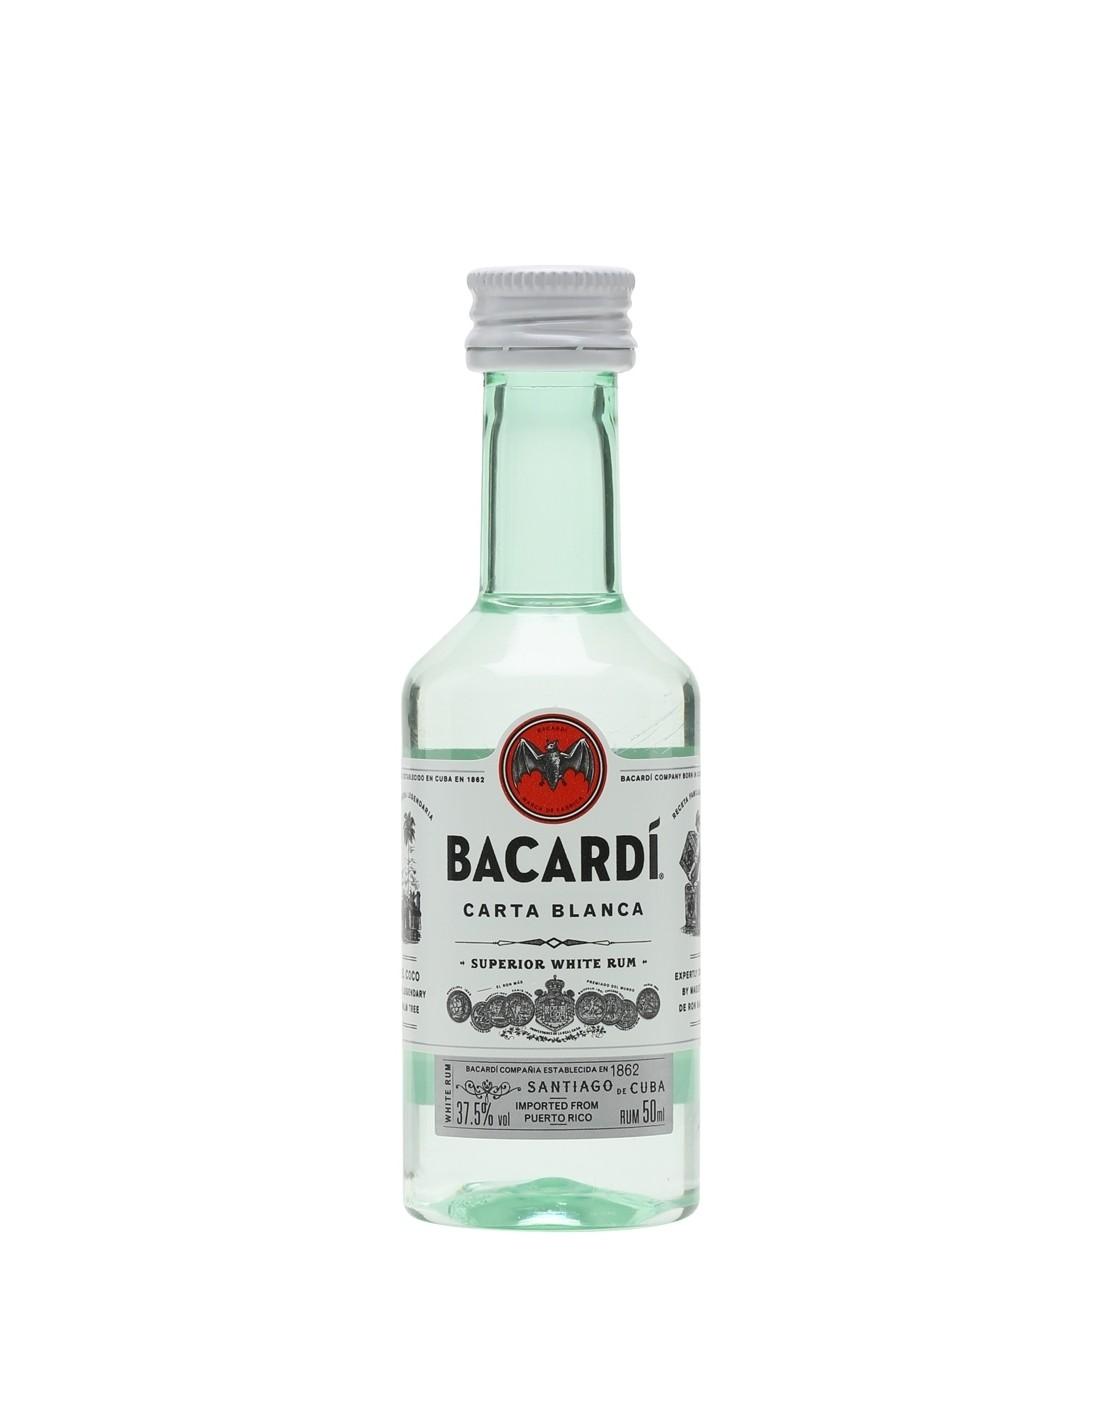 Rom alb Bacardi Carta Blanca, 37.5% alc., 0.05L